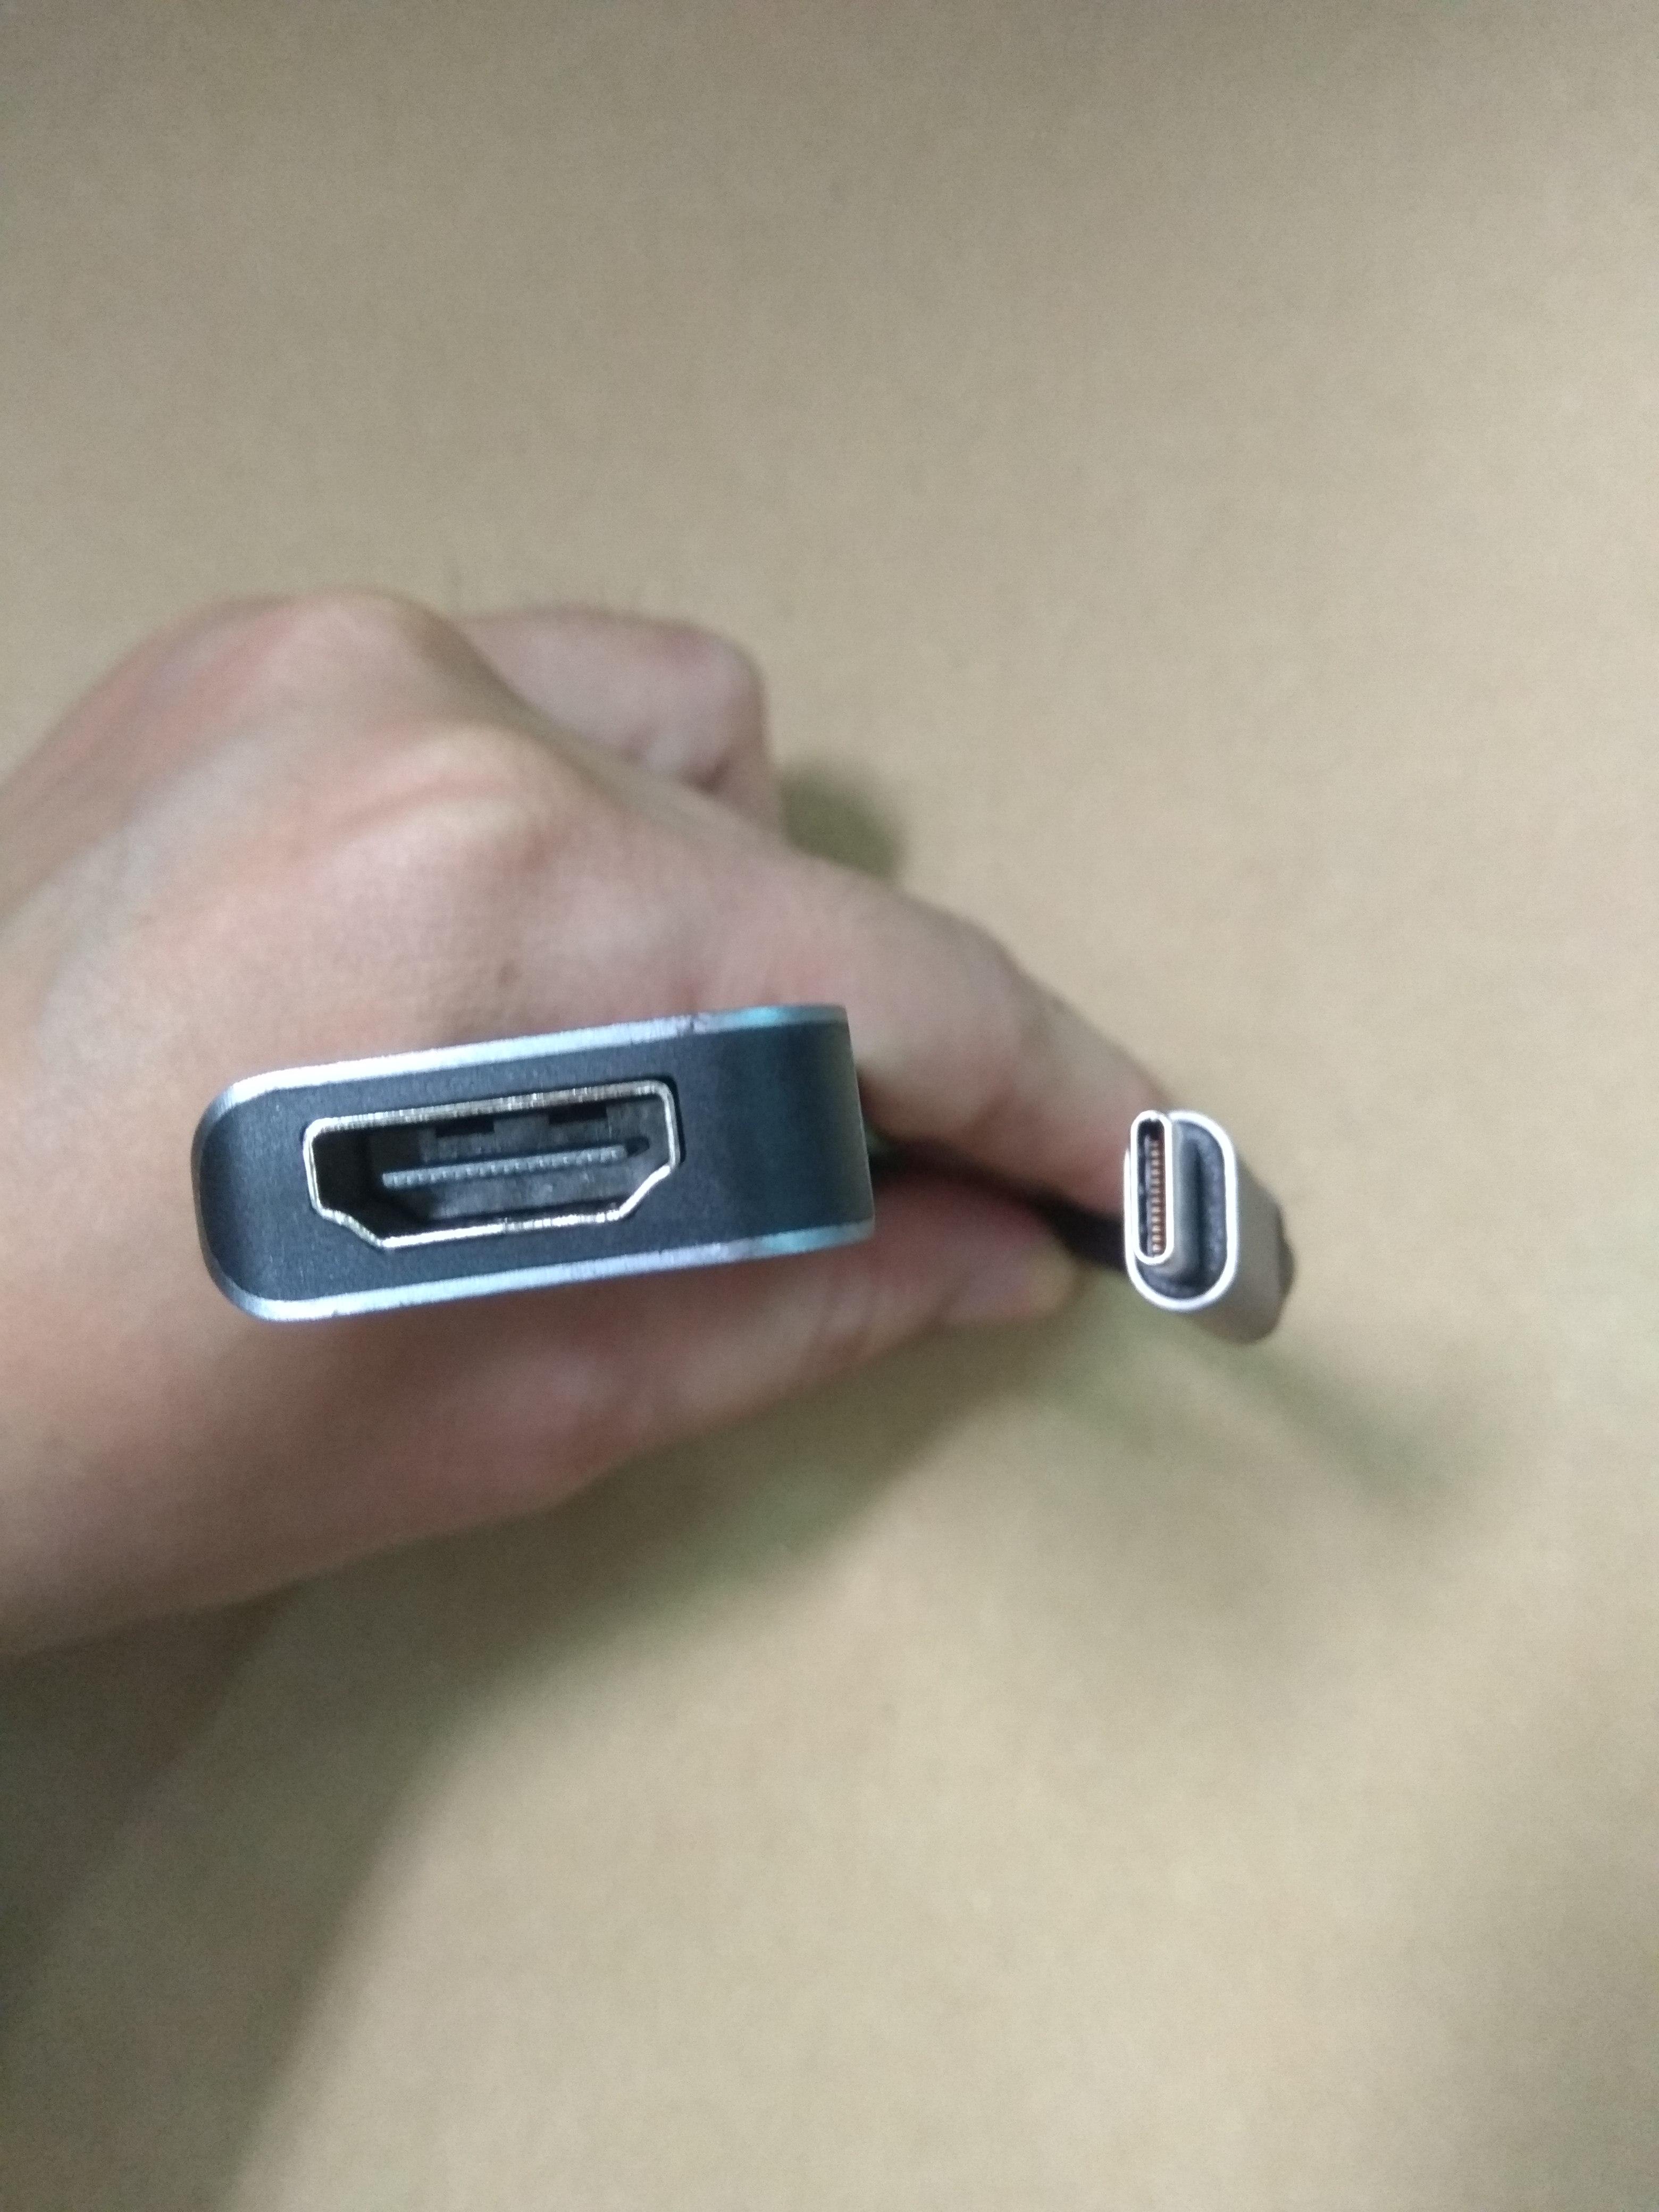 Cáp chuyển Thunderbolt 3 ra 5 cổng HDMI/ USB/ PD cho Macbook - TTH50558